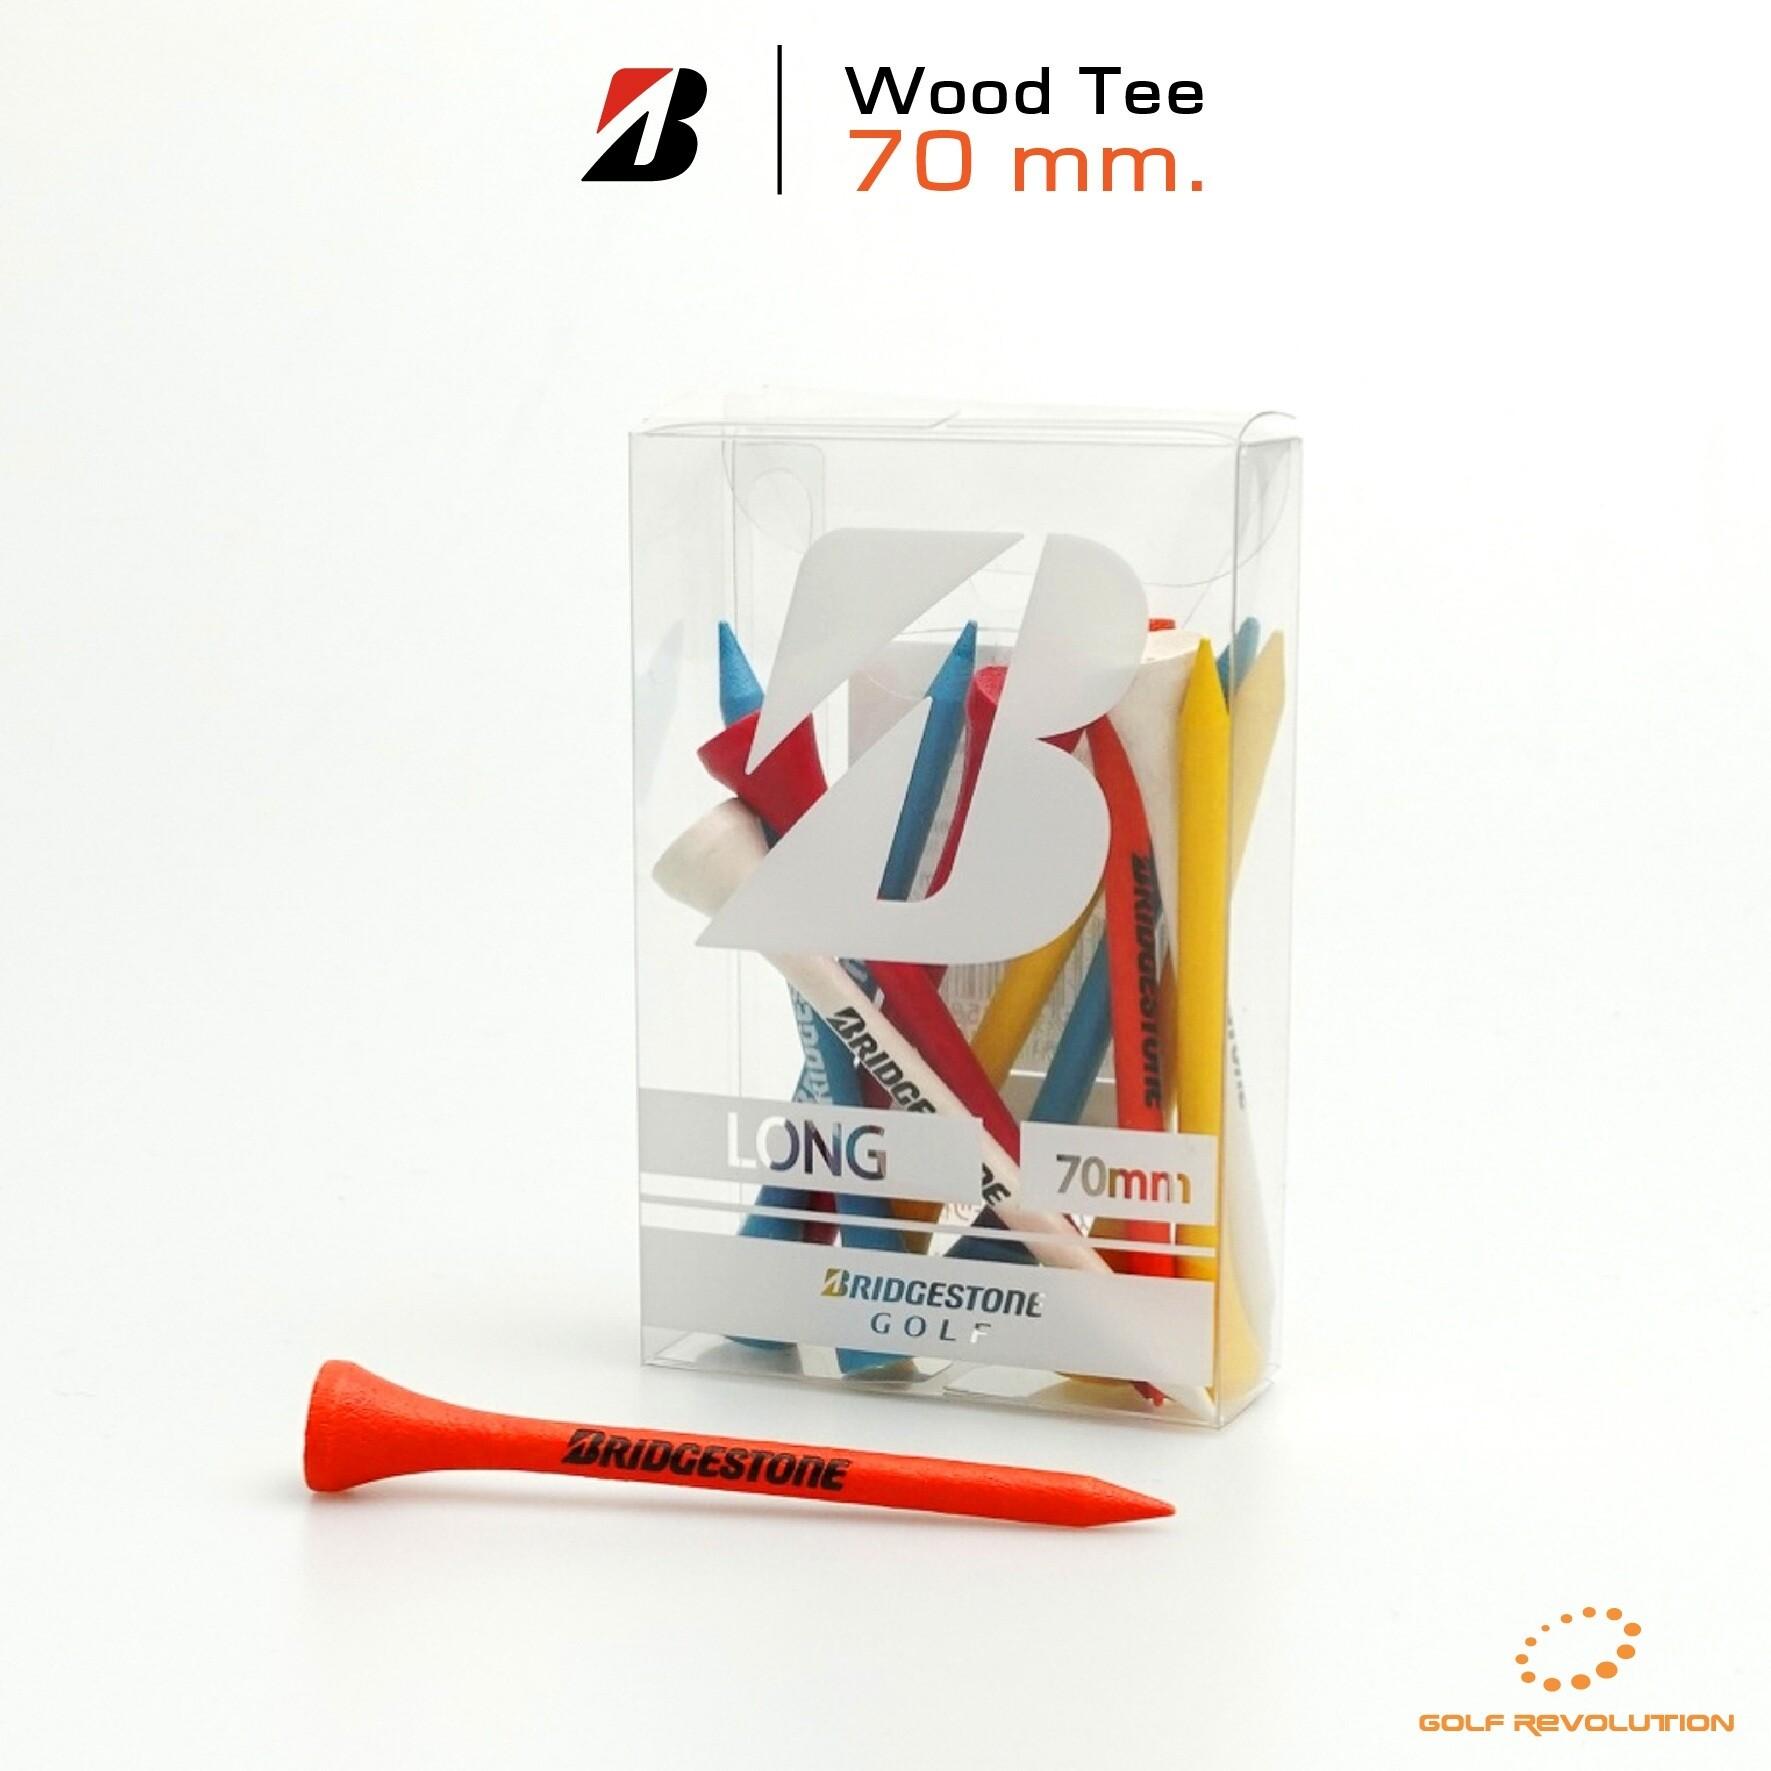 ที่ตั้งลูกกอล์ฟ Bridgestone - Wood Tee (gag501).